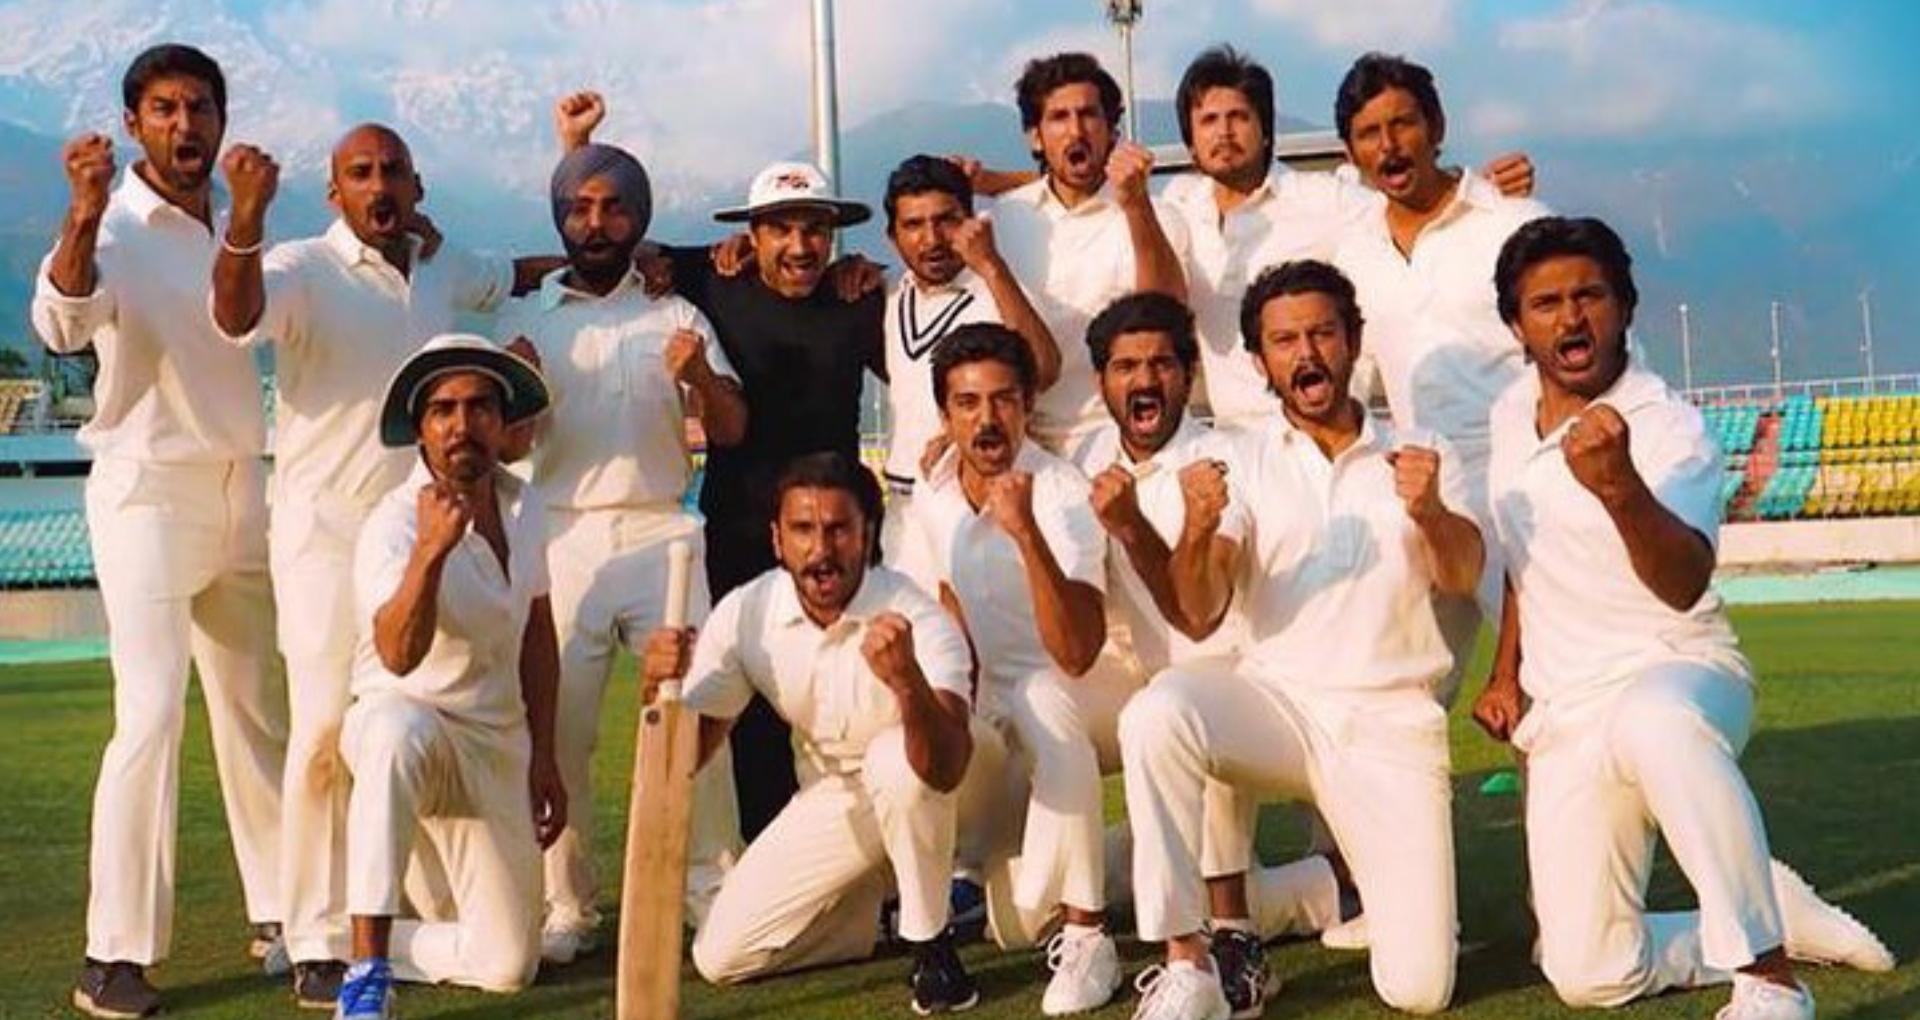 83 Movie: रणवीर सिंह की टीम में शामिल हुए ये बड़े फिल्ममेकर, कुछ इस तरह जताई फिल्म को लेकर खुशी